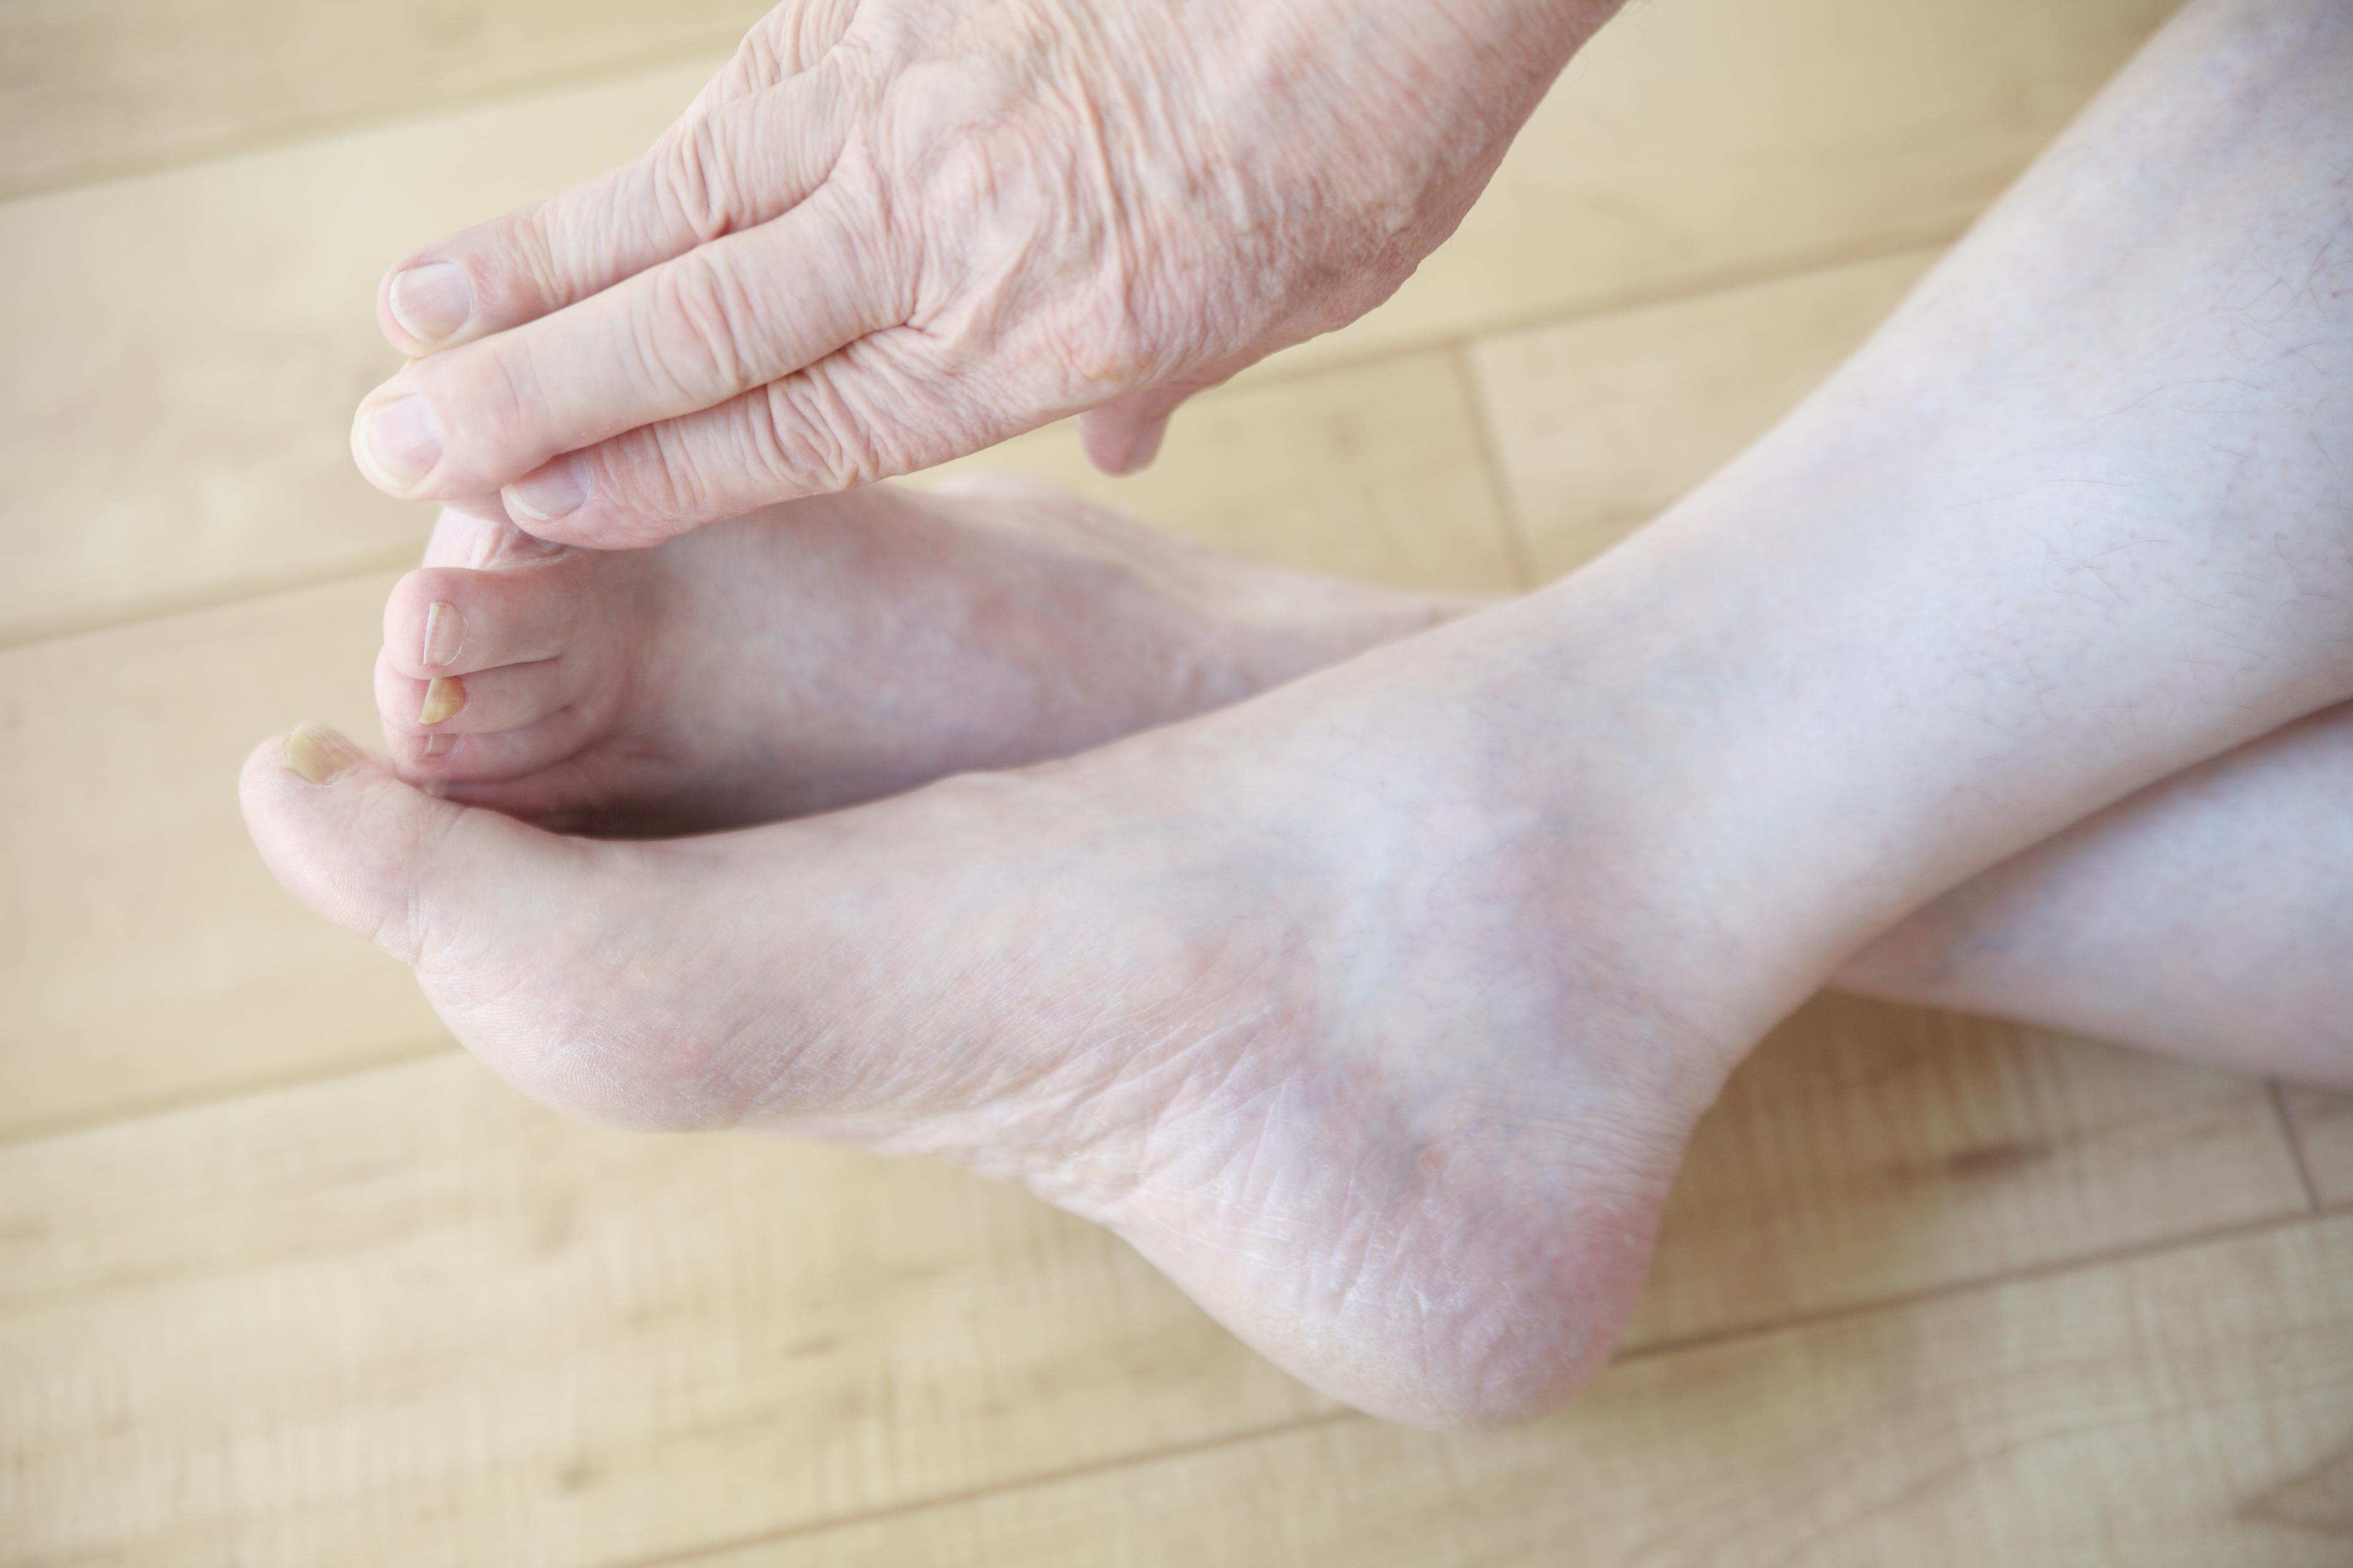 Lär känna dina fötter genom att dagligen ta en koll på hur de mår - då kan du förebygga, behandla och undvika värre fotskador.